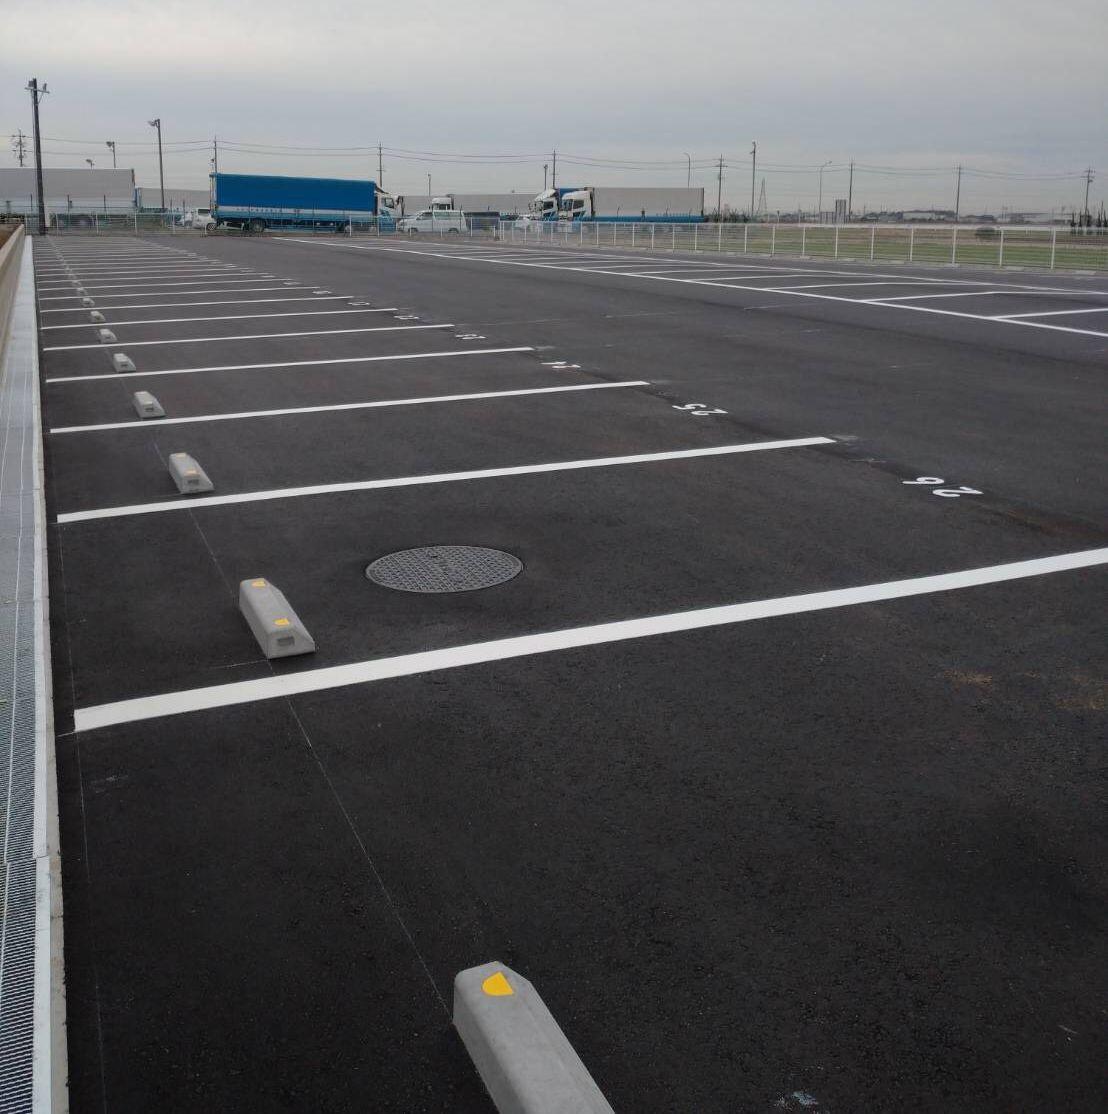 K運輸様駐車場整備工事